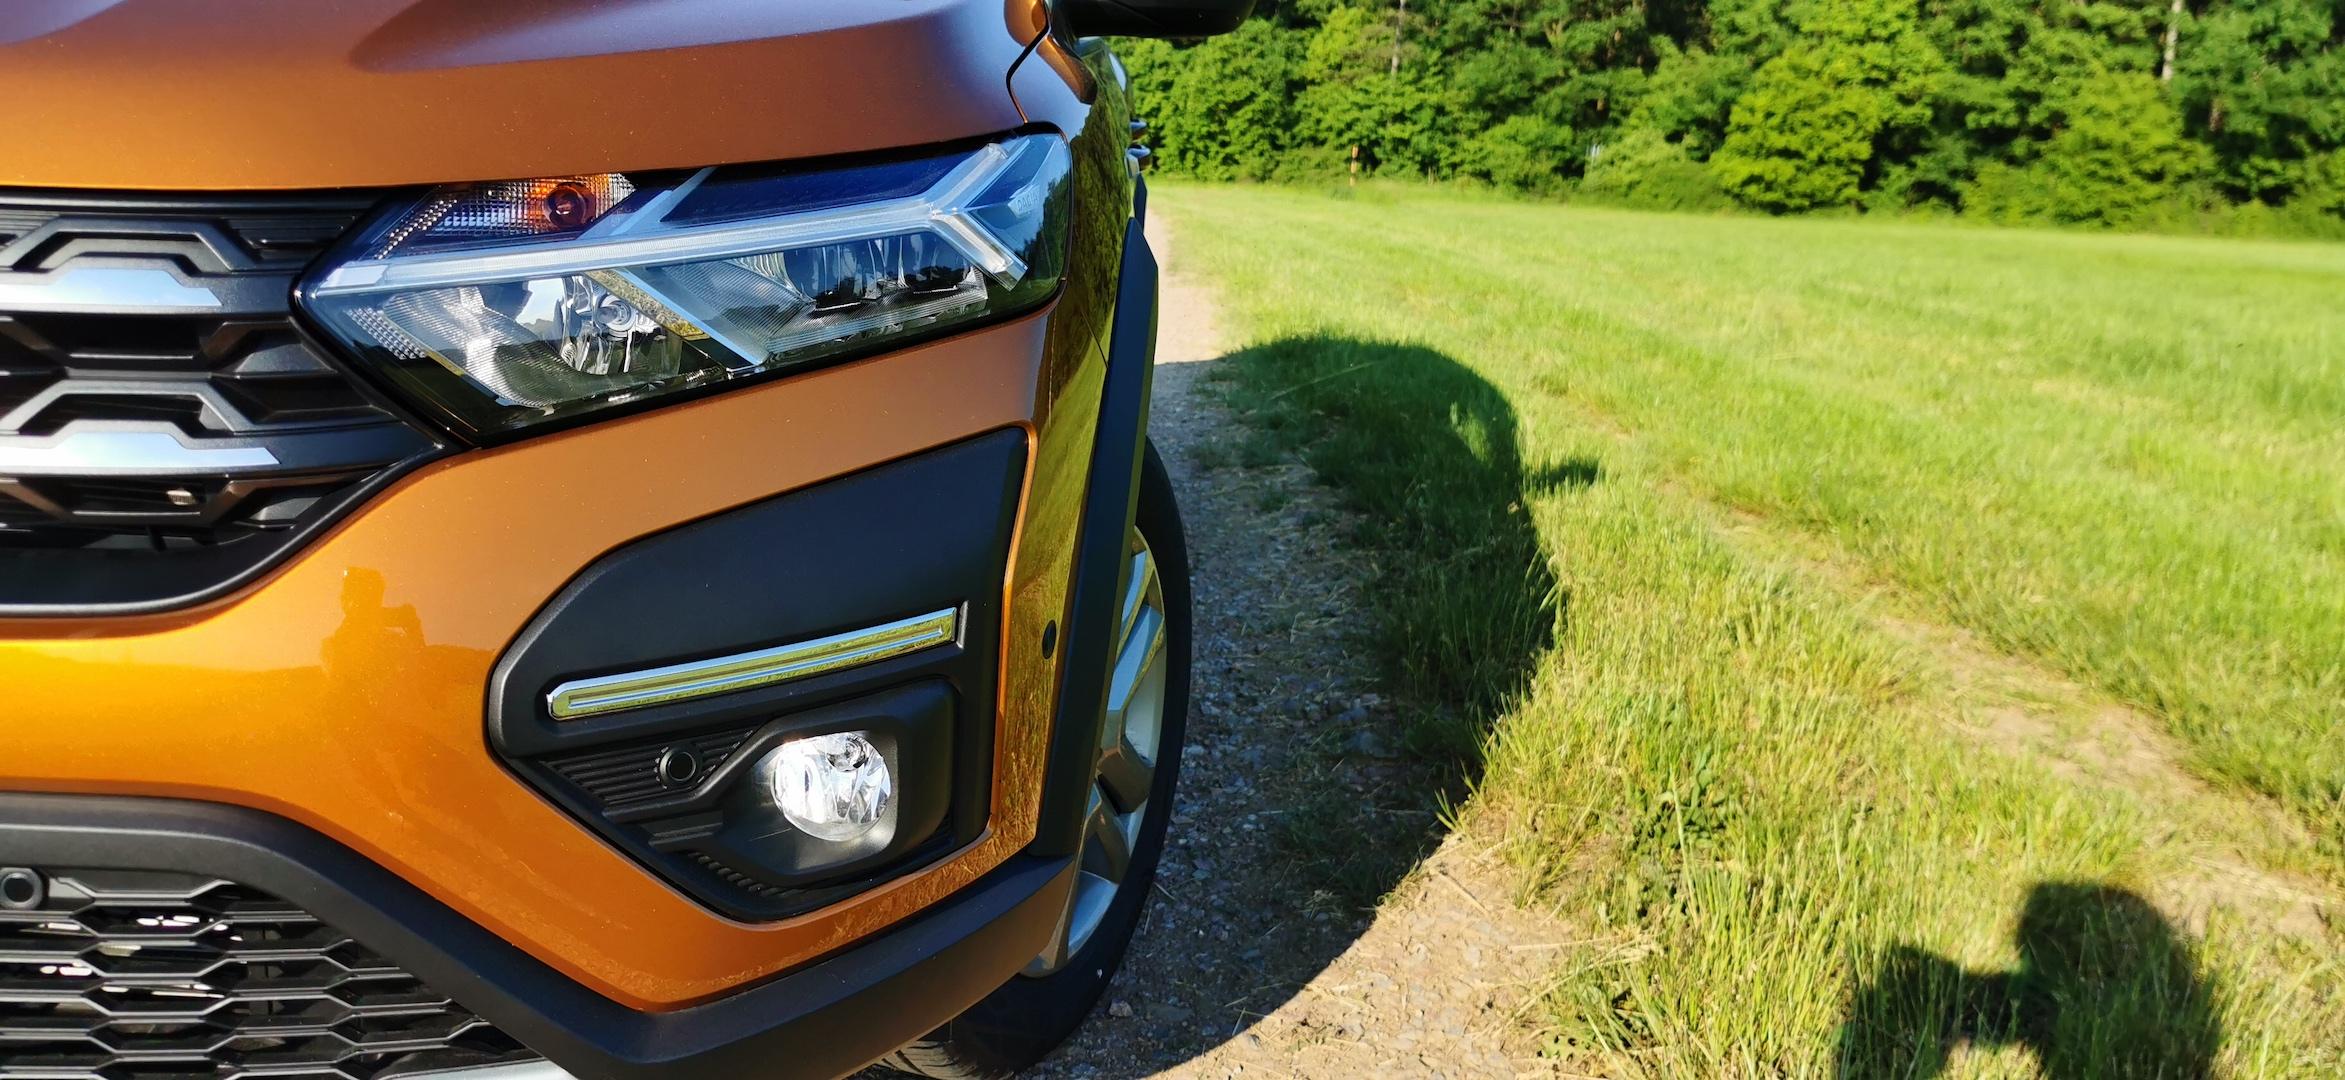 Dacia Sandero Stepway 1,0 TCe LPG - přední světlo